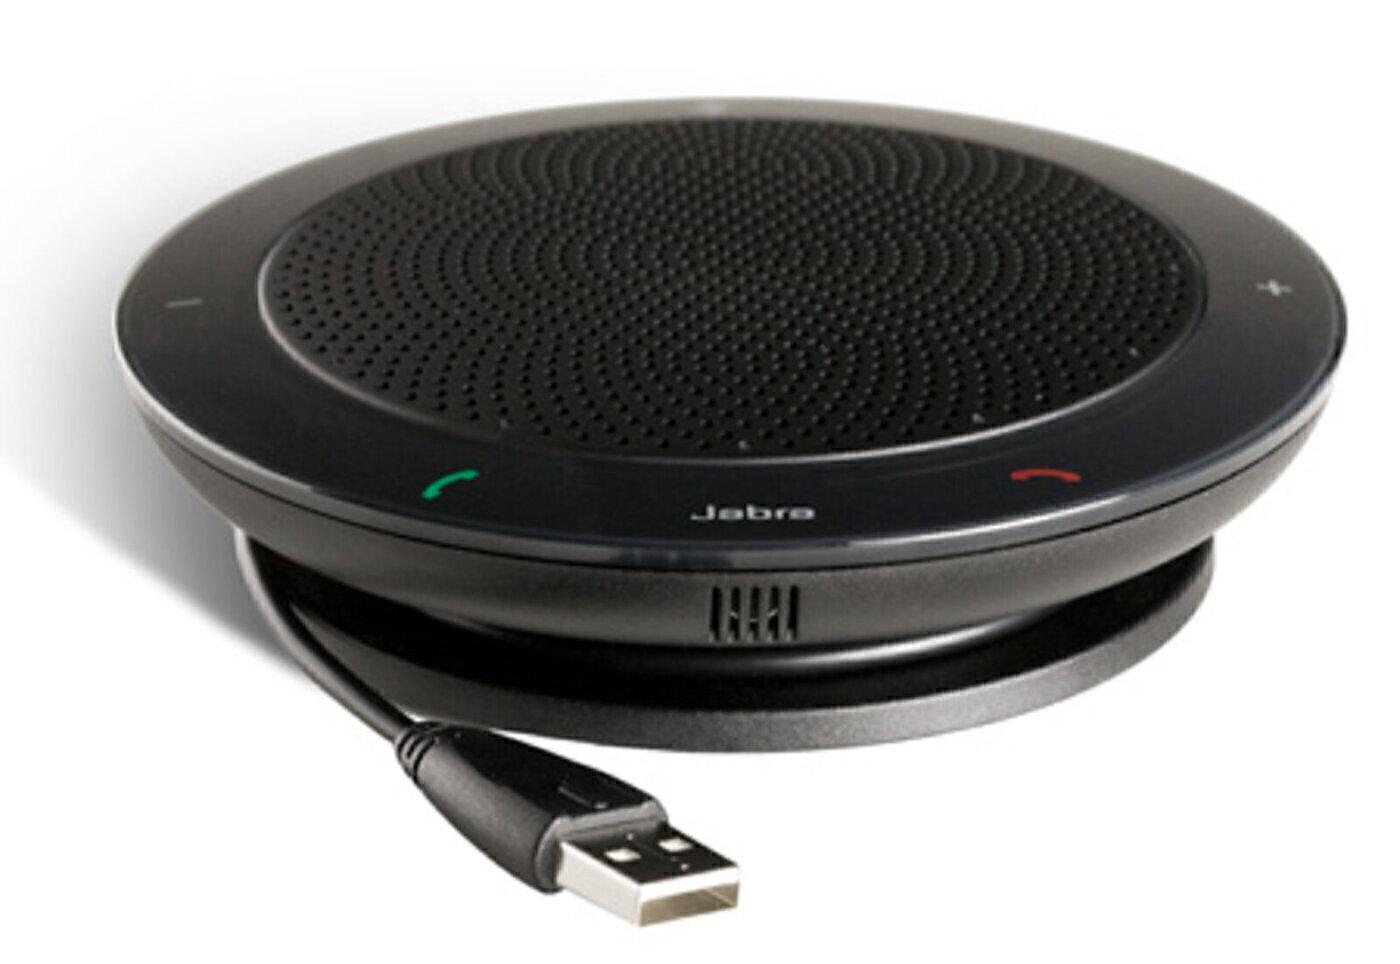 устройство громкой связи jabra speak 410, черный